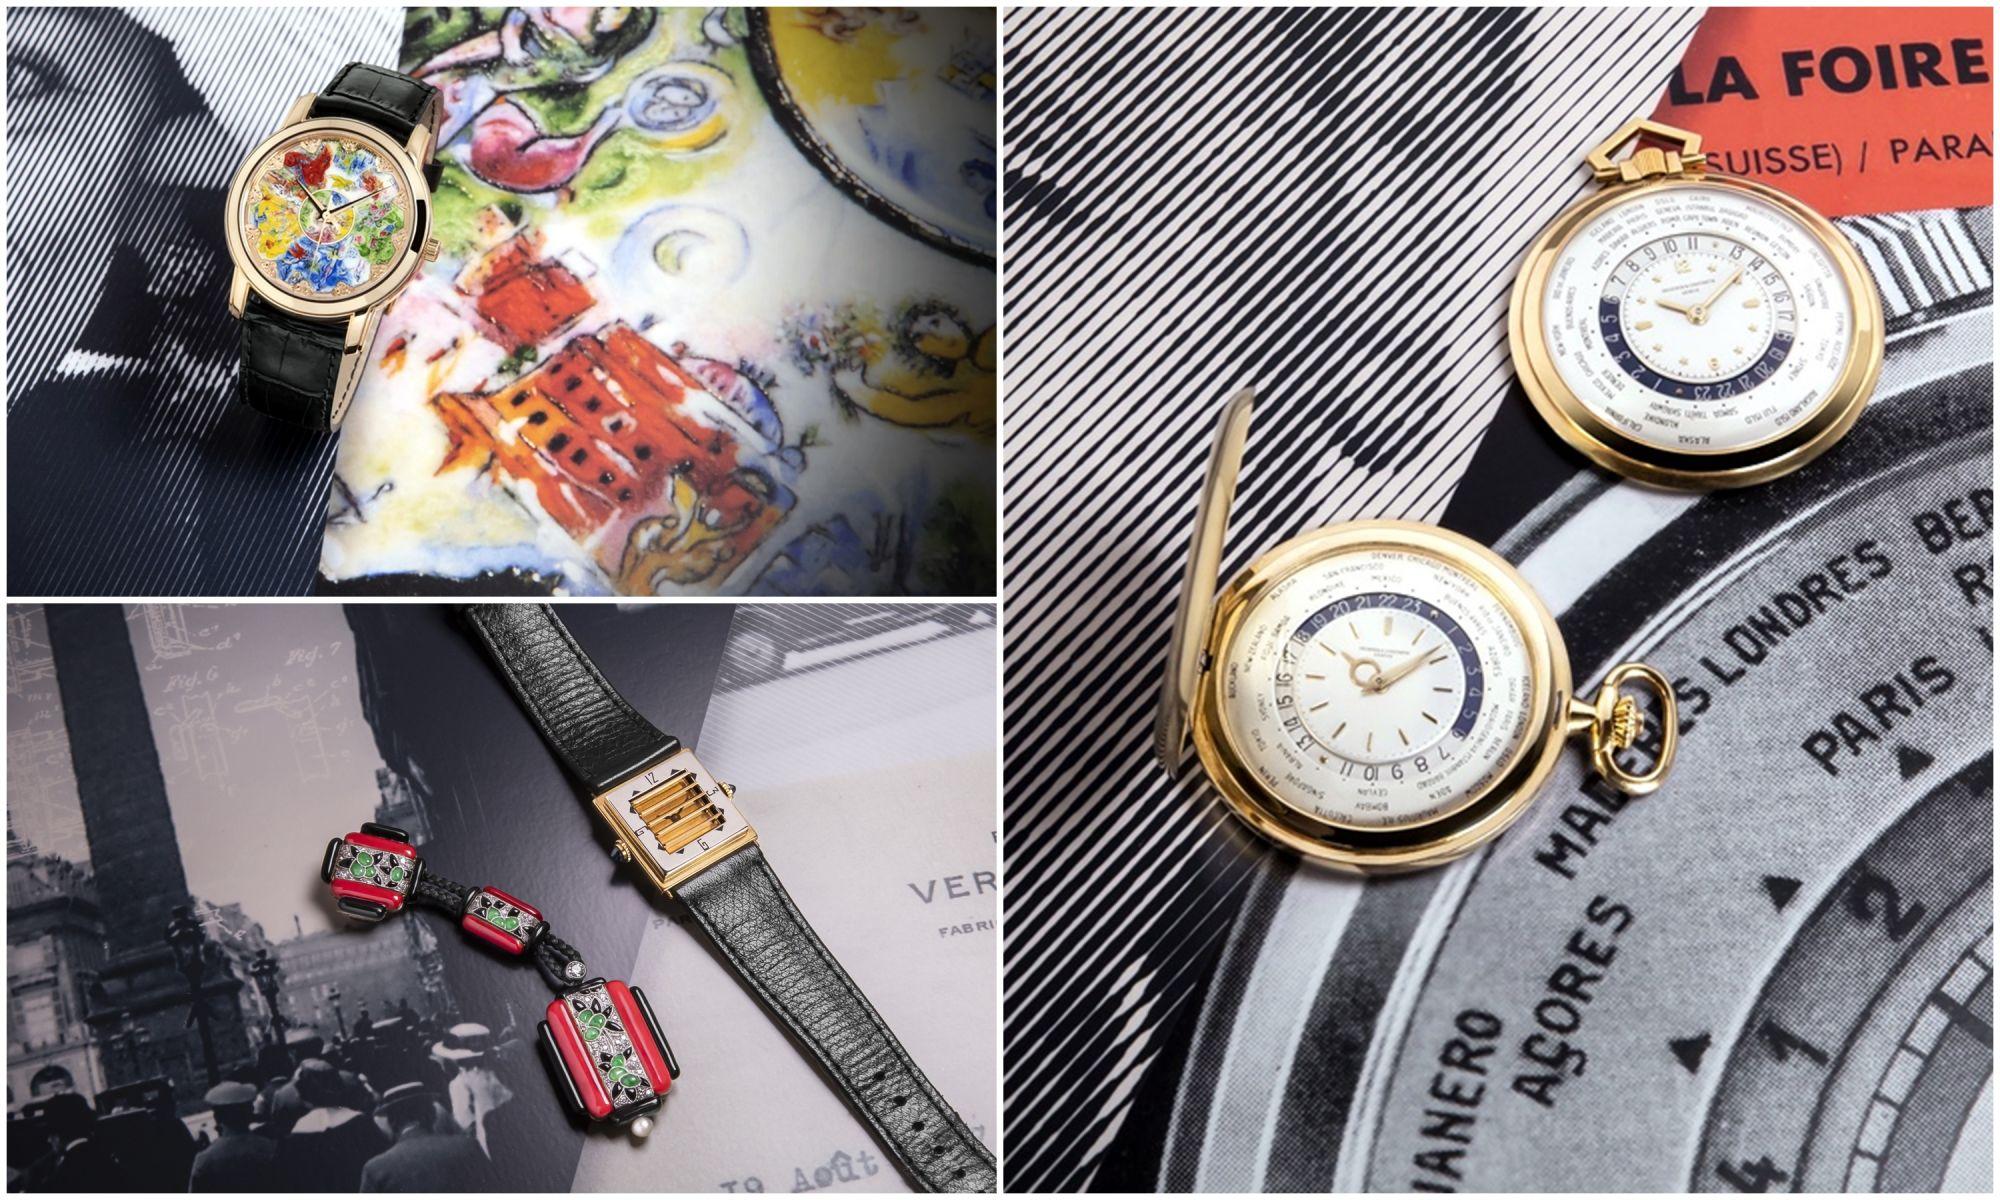 200年的輝煌合作,江詩丹頓呈獻「雙聯畫Diptyques歷史回顧展」,再次見證時計、藝術與製錶工藝的歷史價值